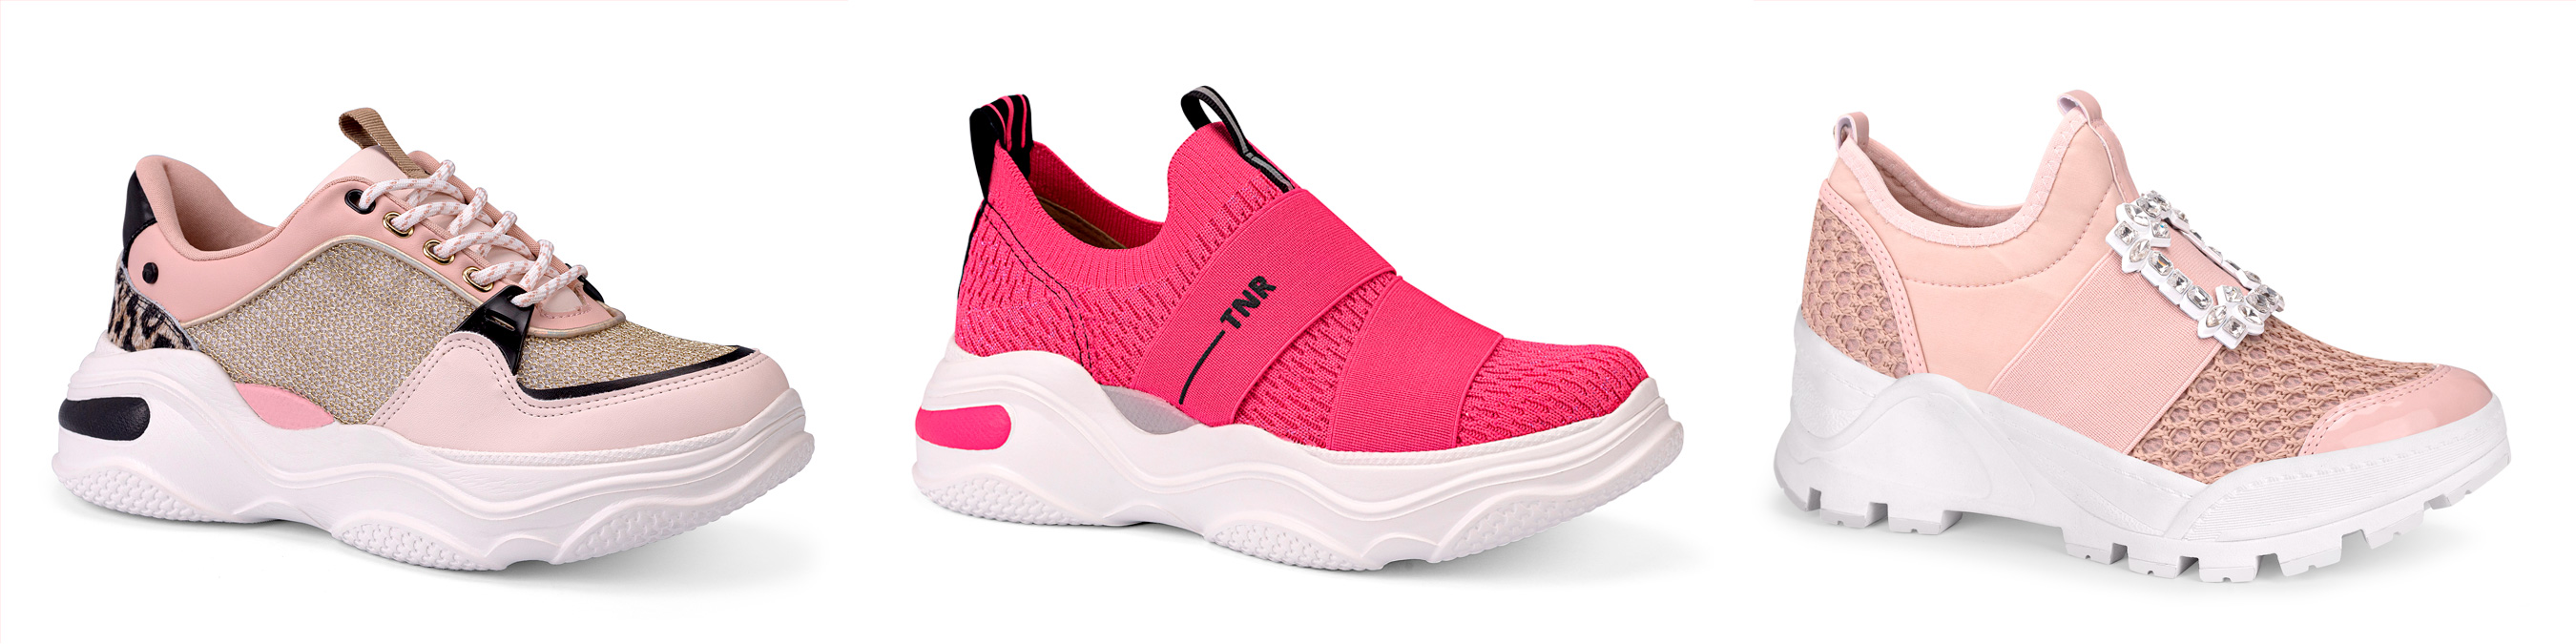 tendência tons de rosa Tanara